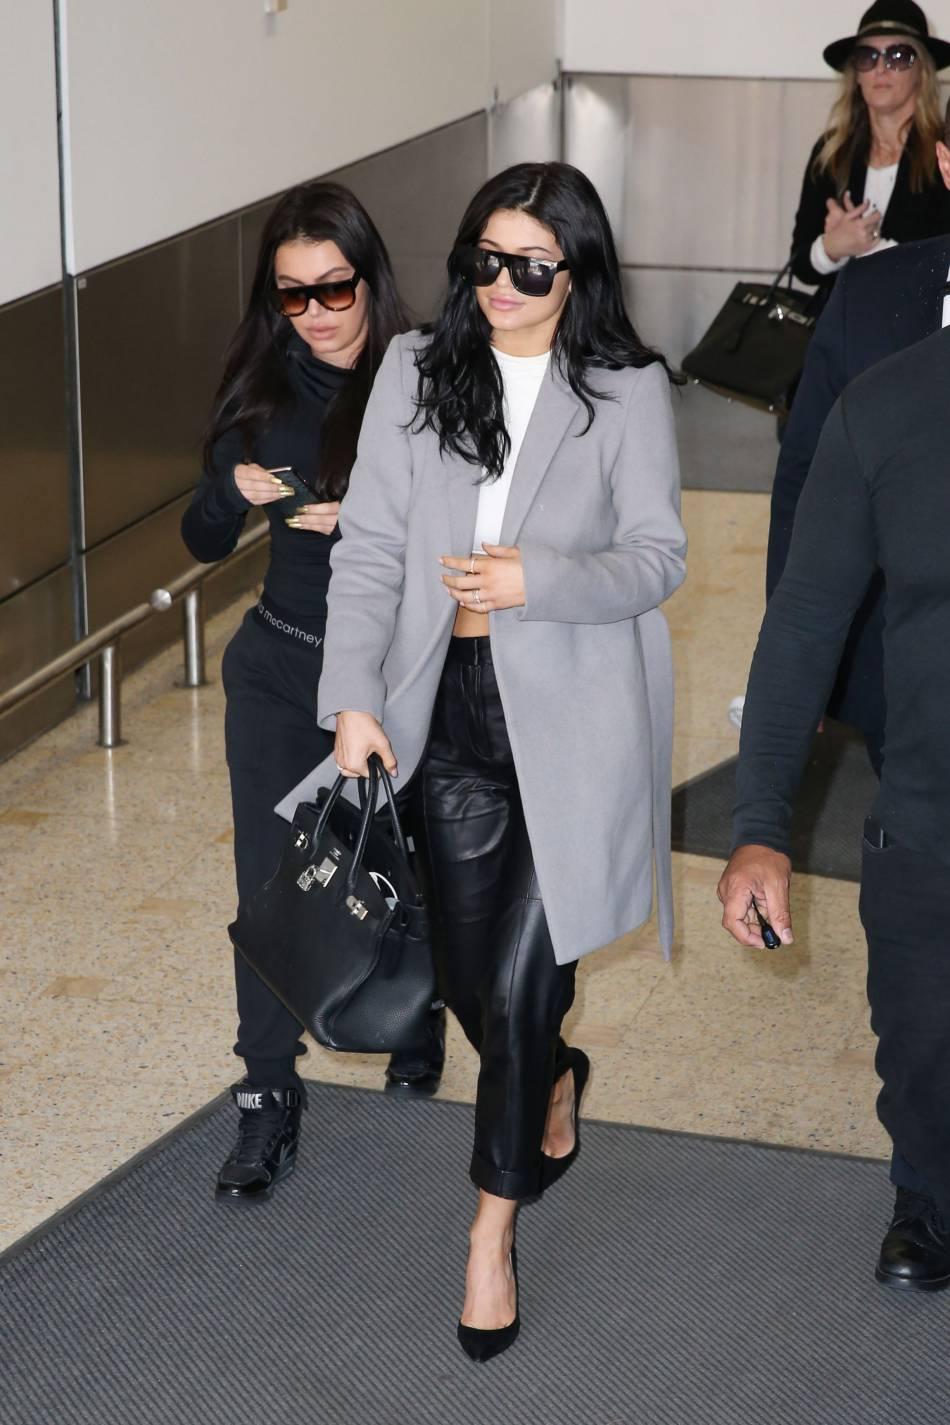 Kylie Jenner à son arrivée à Sydney, mardi. Manteau gris et escarpins pour un look chic.